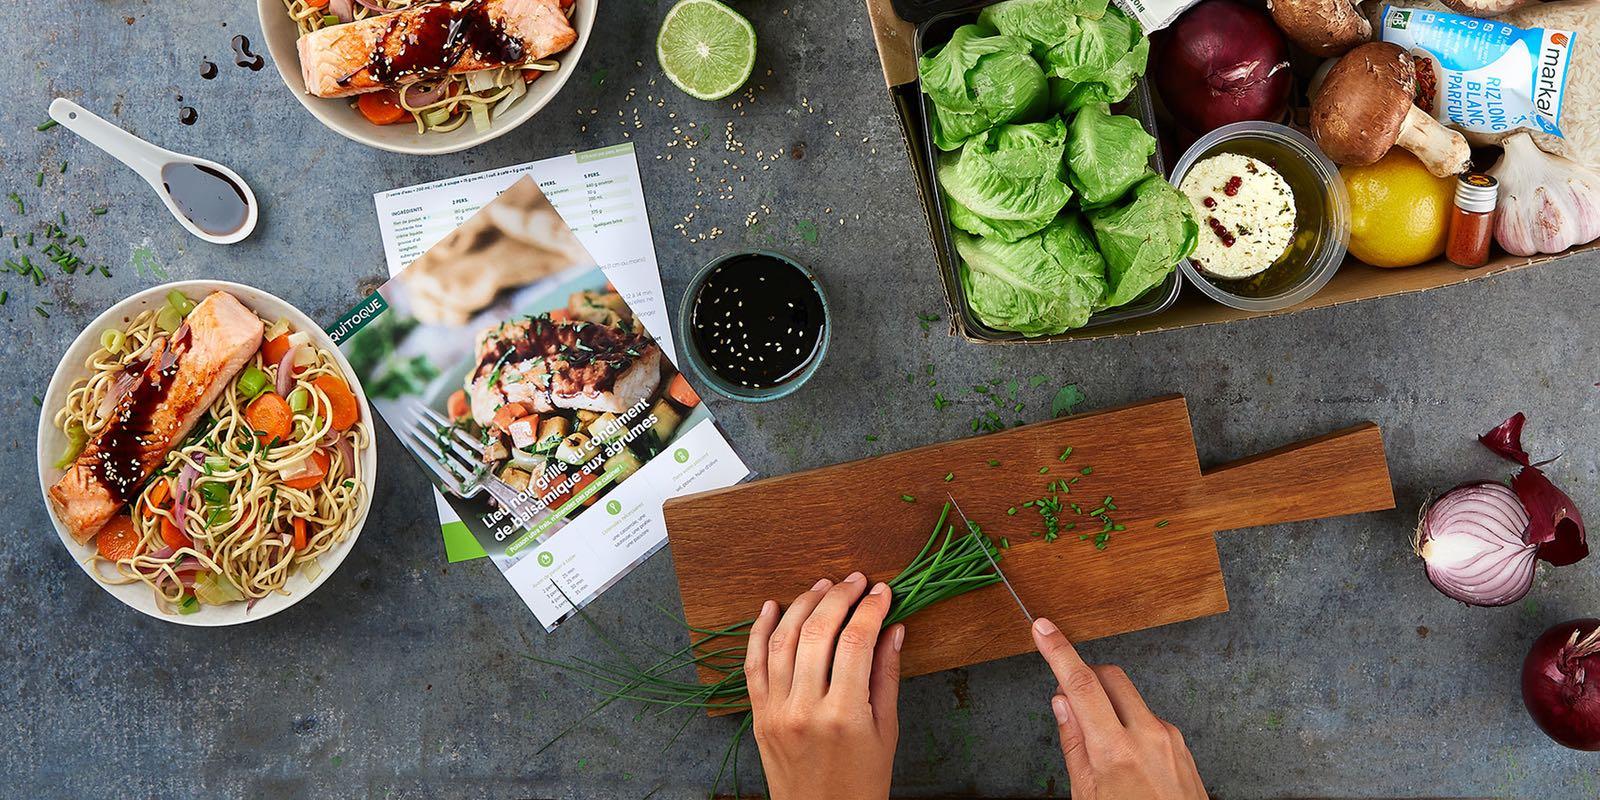 «conseils-manger-sainement-maison-quitoque»